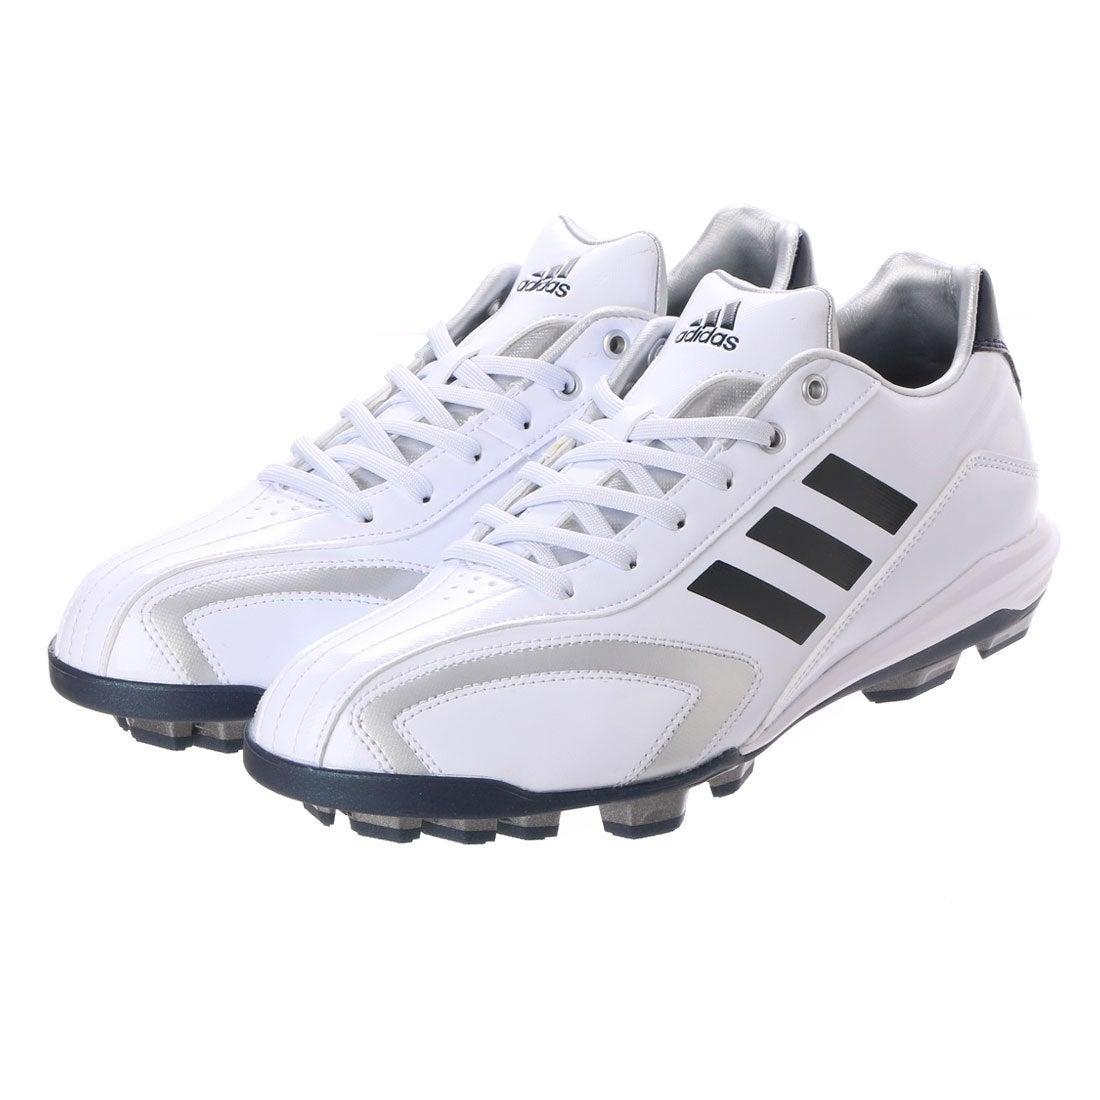 【SALE 30%OFF】アディダス adidas ユニセックス 野球 スパイクシューズ アディピュアT3 K ポイント AQ8363 714